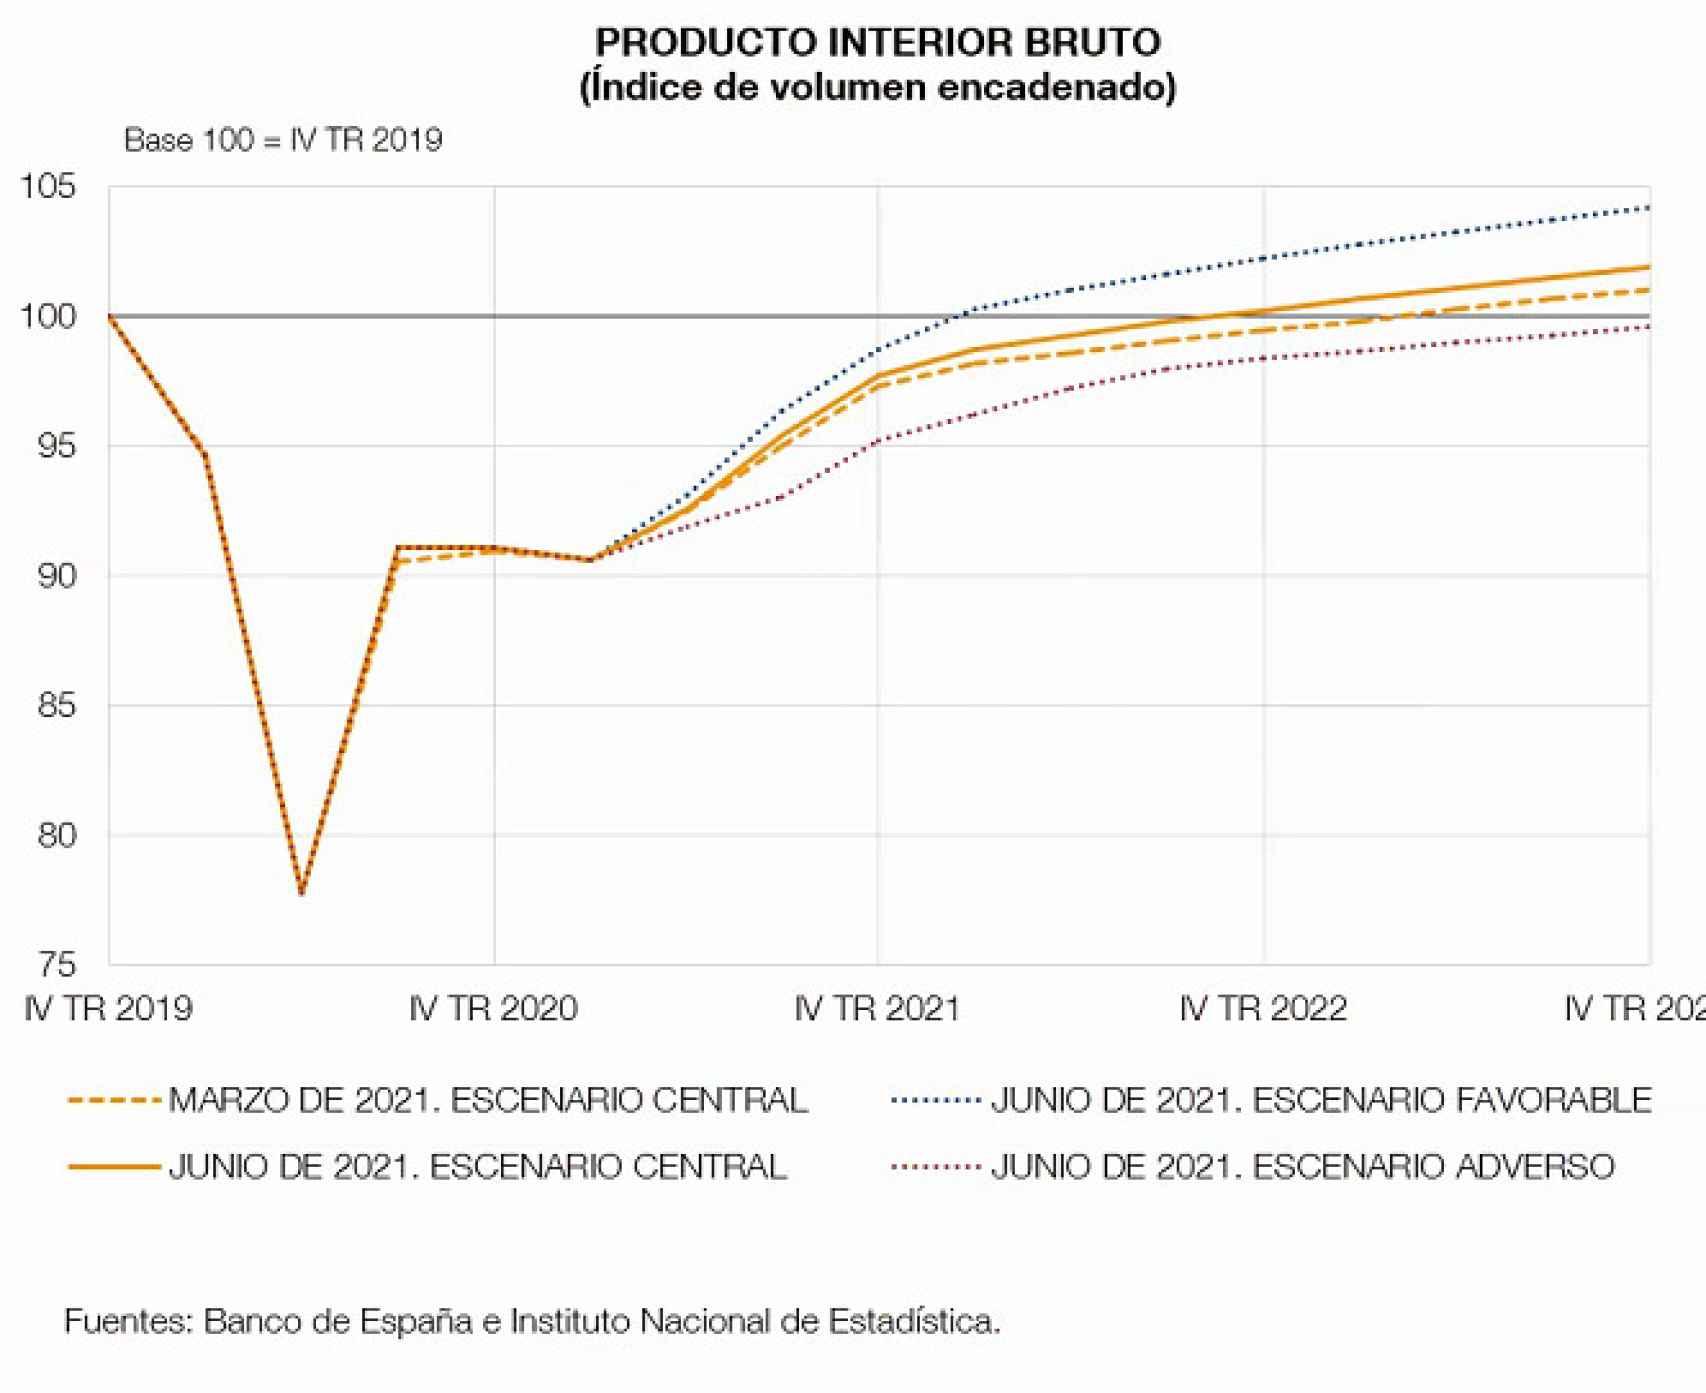 Fuente: Banco de España.